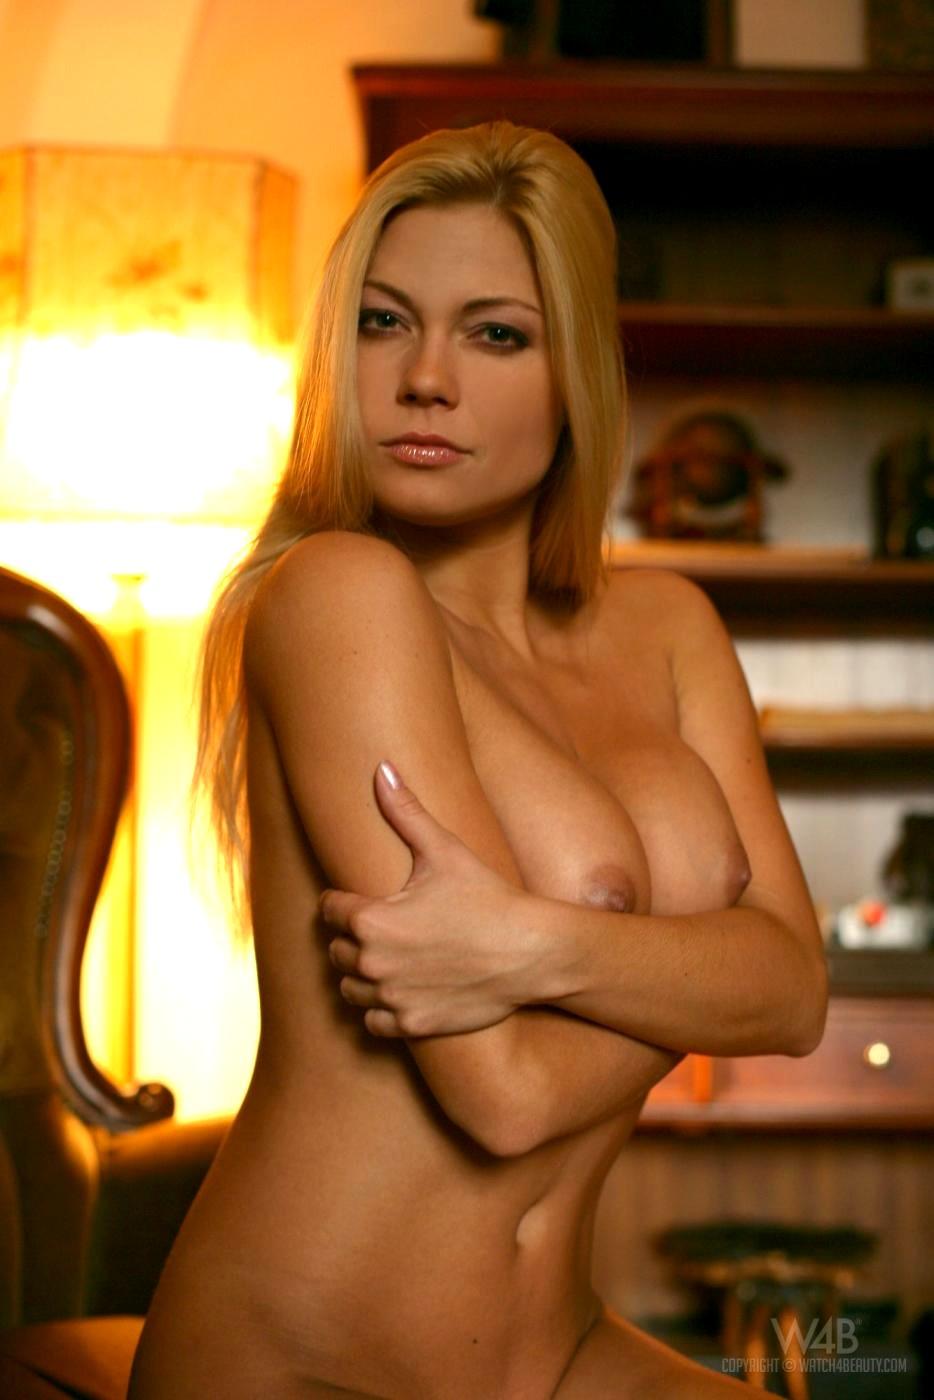 watch beauty adriana malkova xxxat blonde delivery porn pics